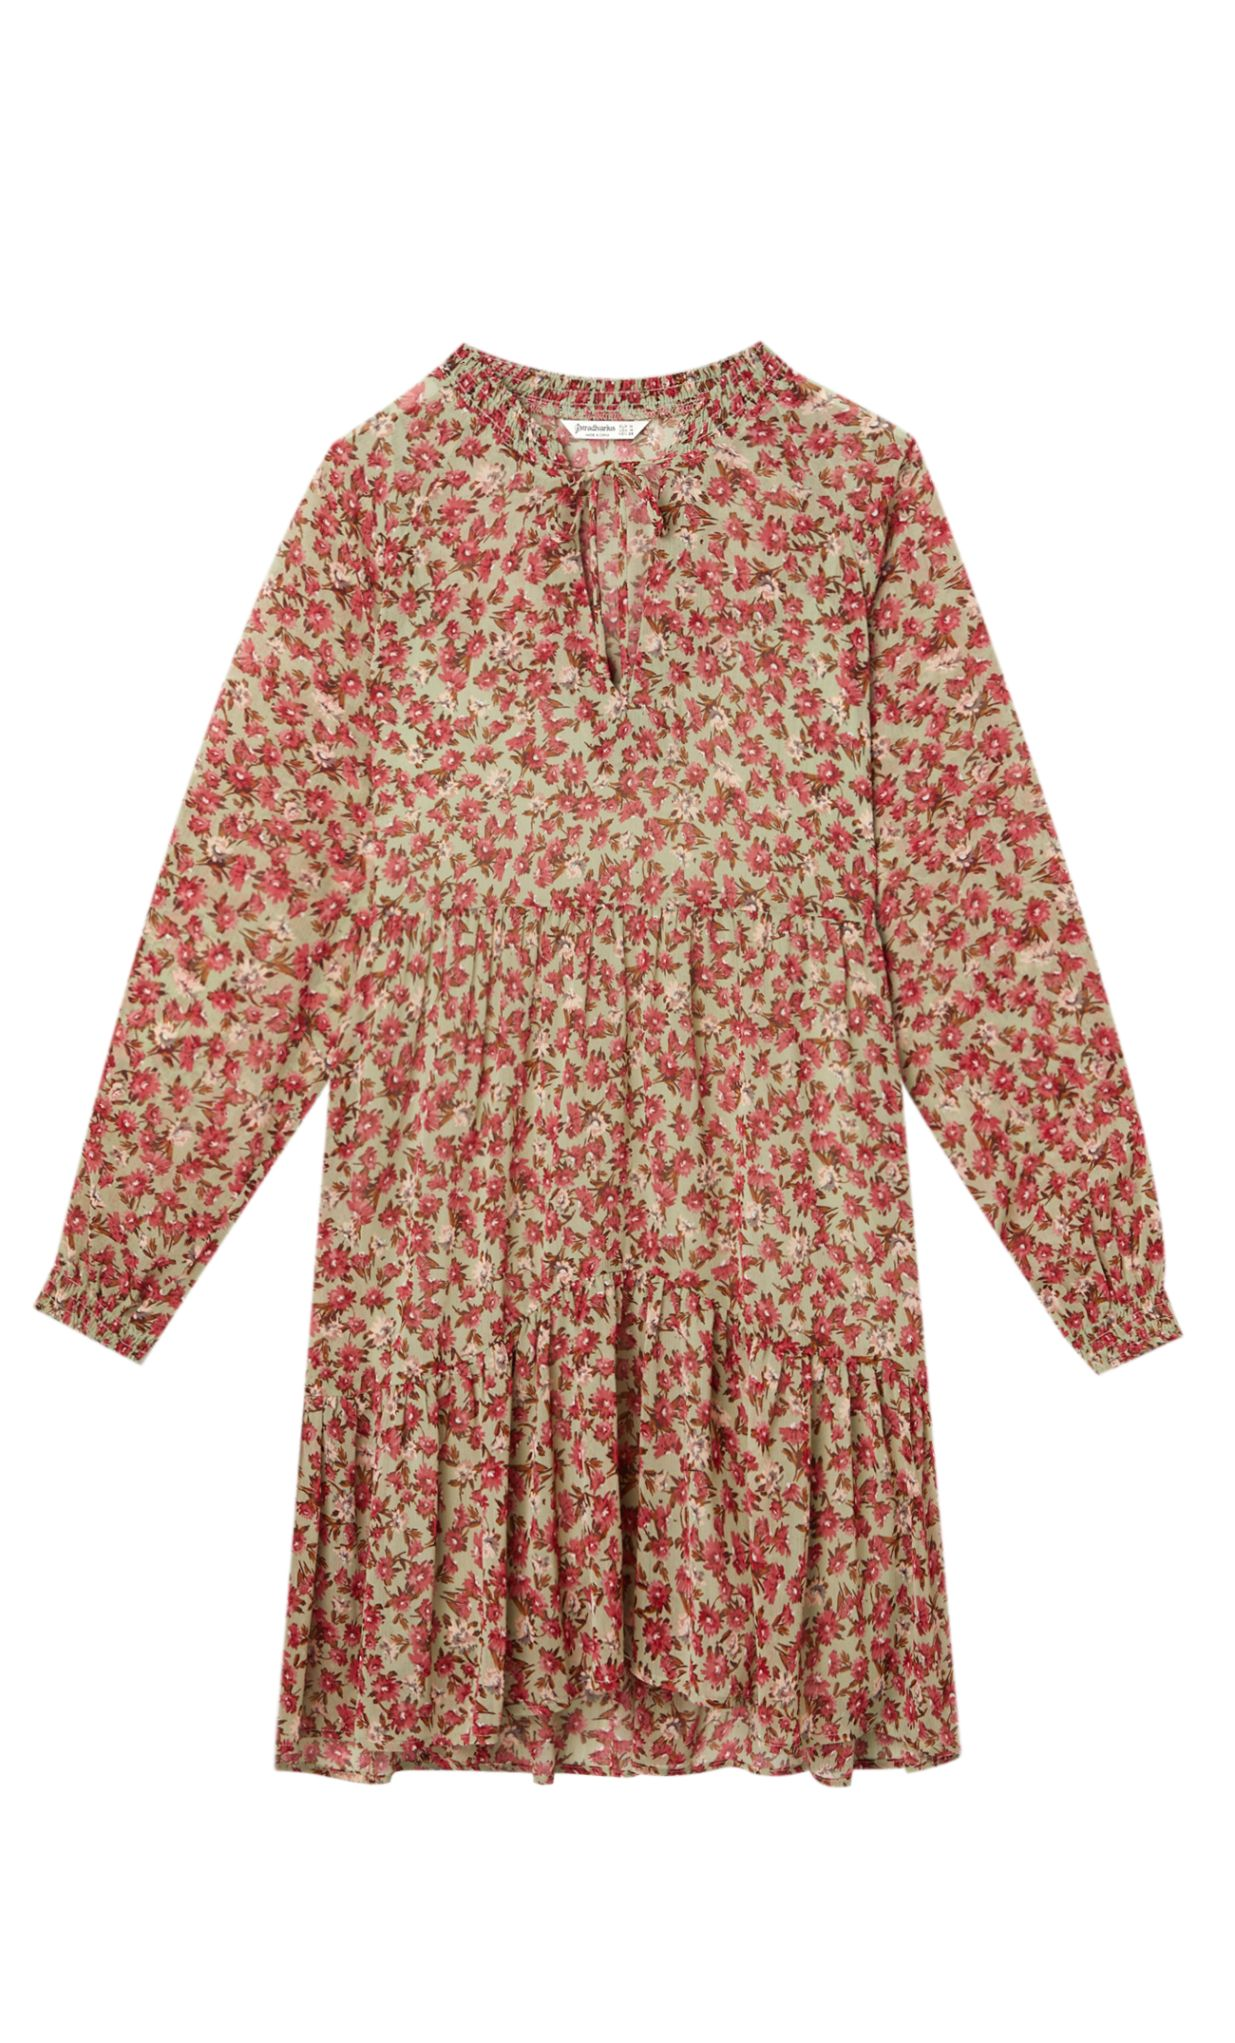 φλοράλ φορέματα stradivarius